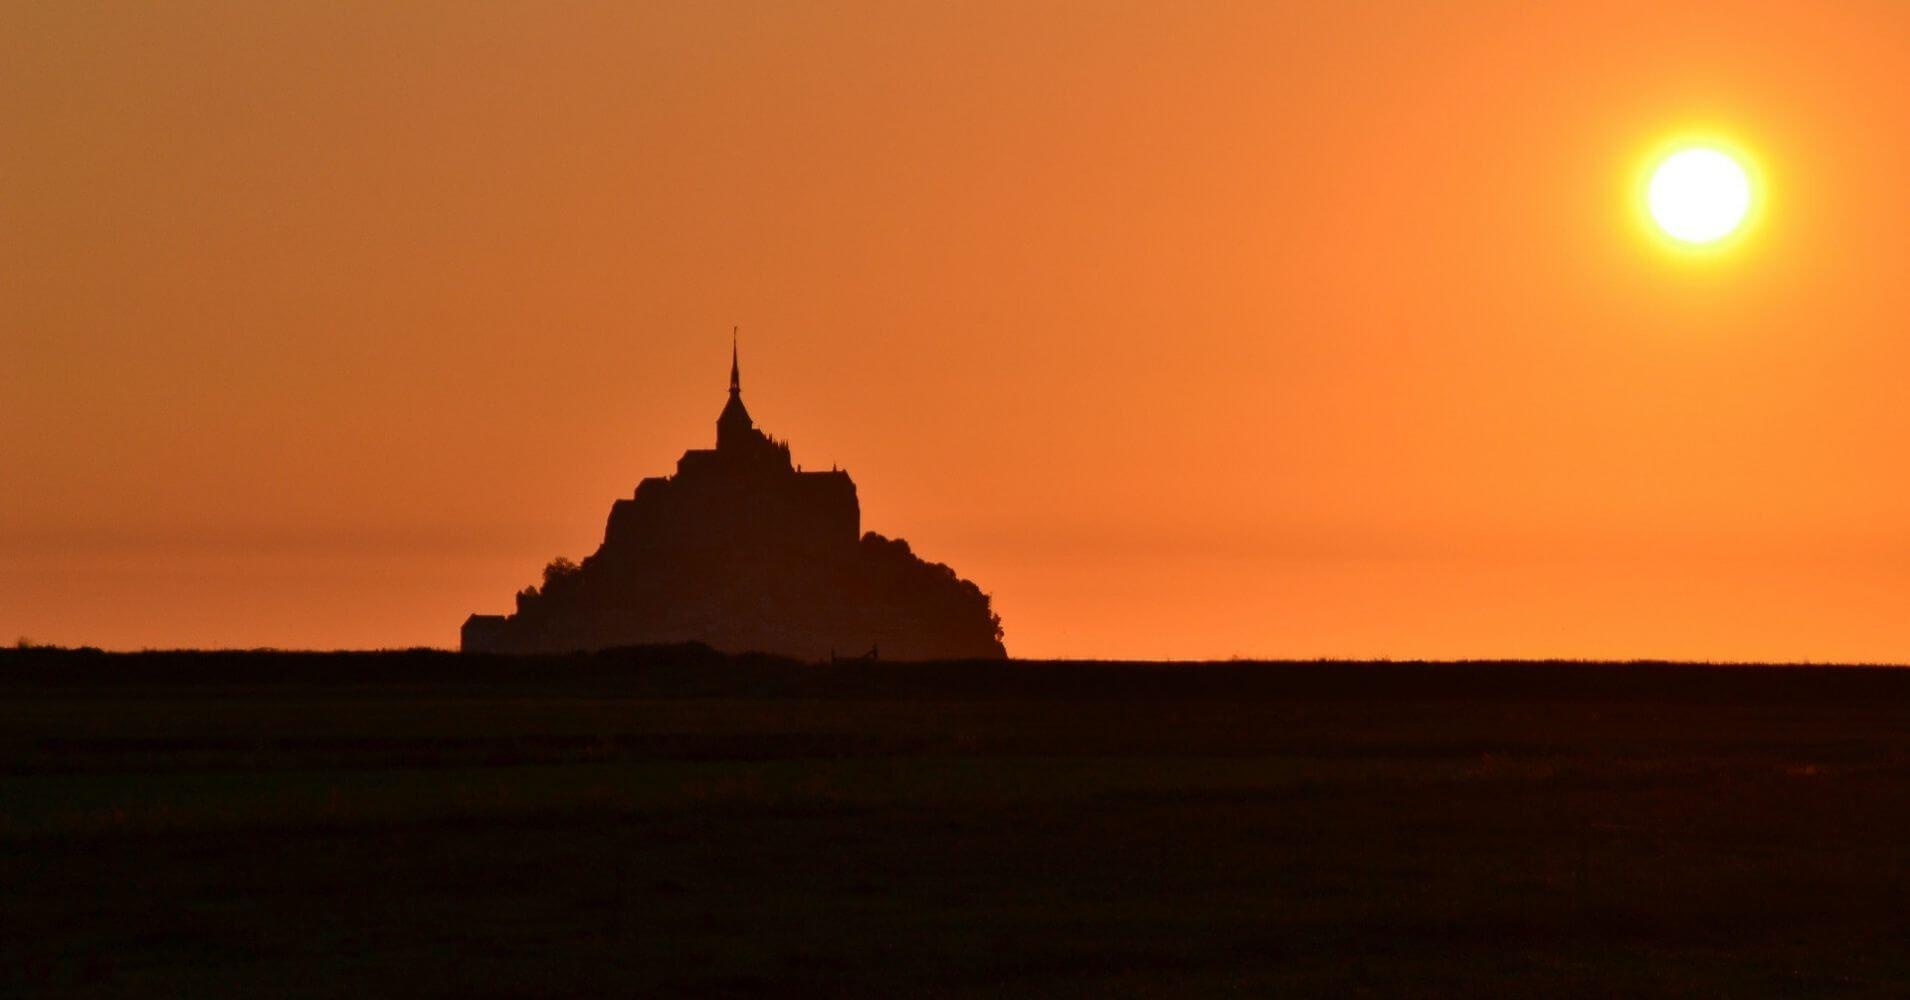 Mont Sanit Michel. Departamento de Mancha. Normandía. Francia.